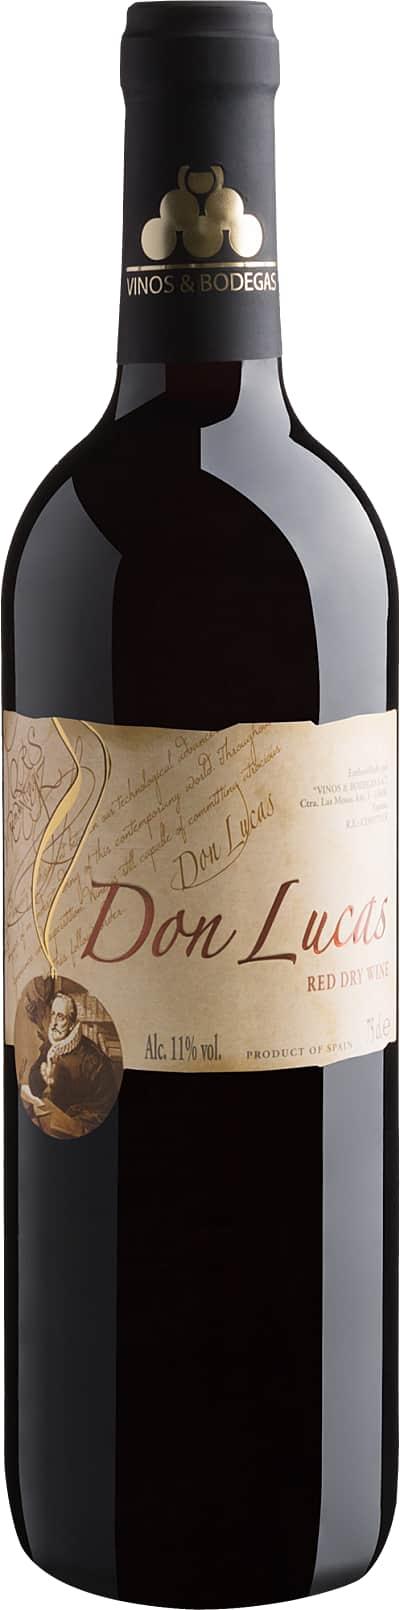 Don Lucas 2017